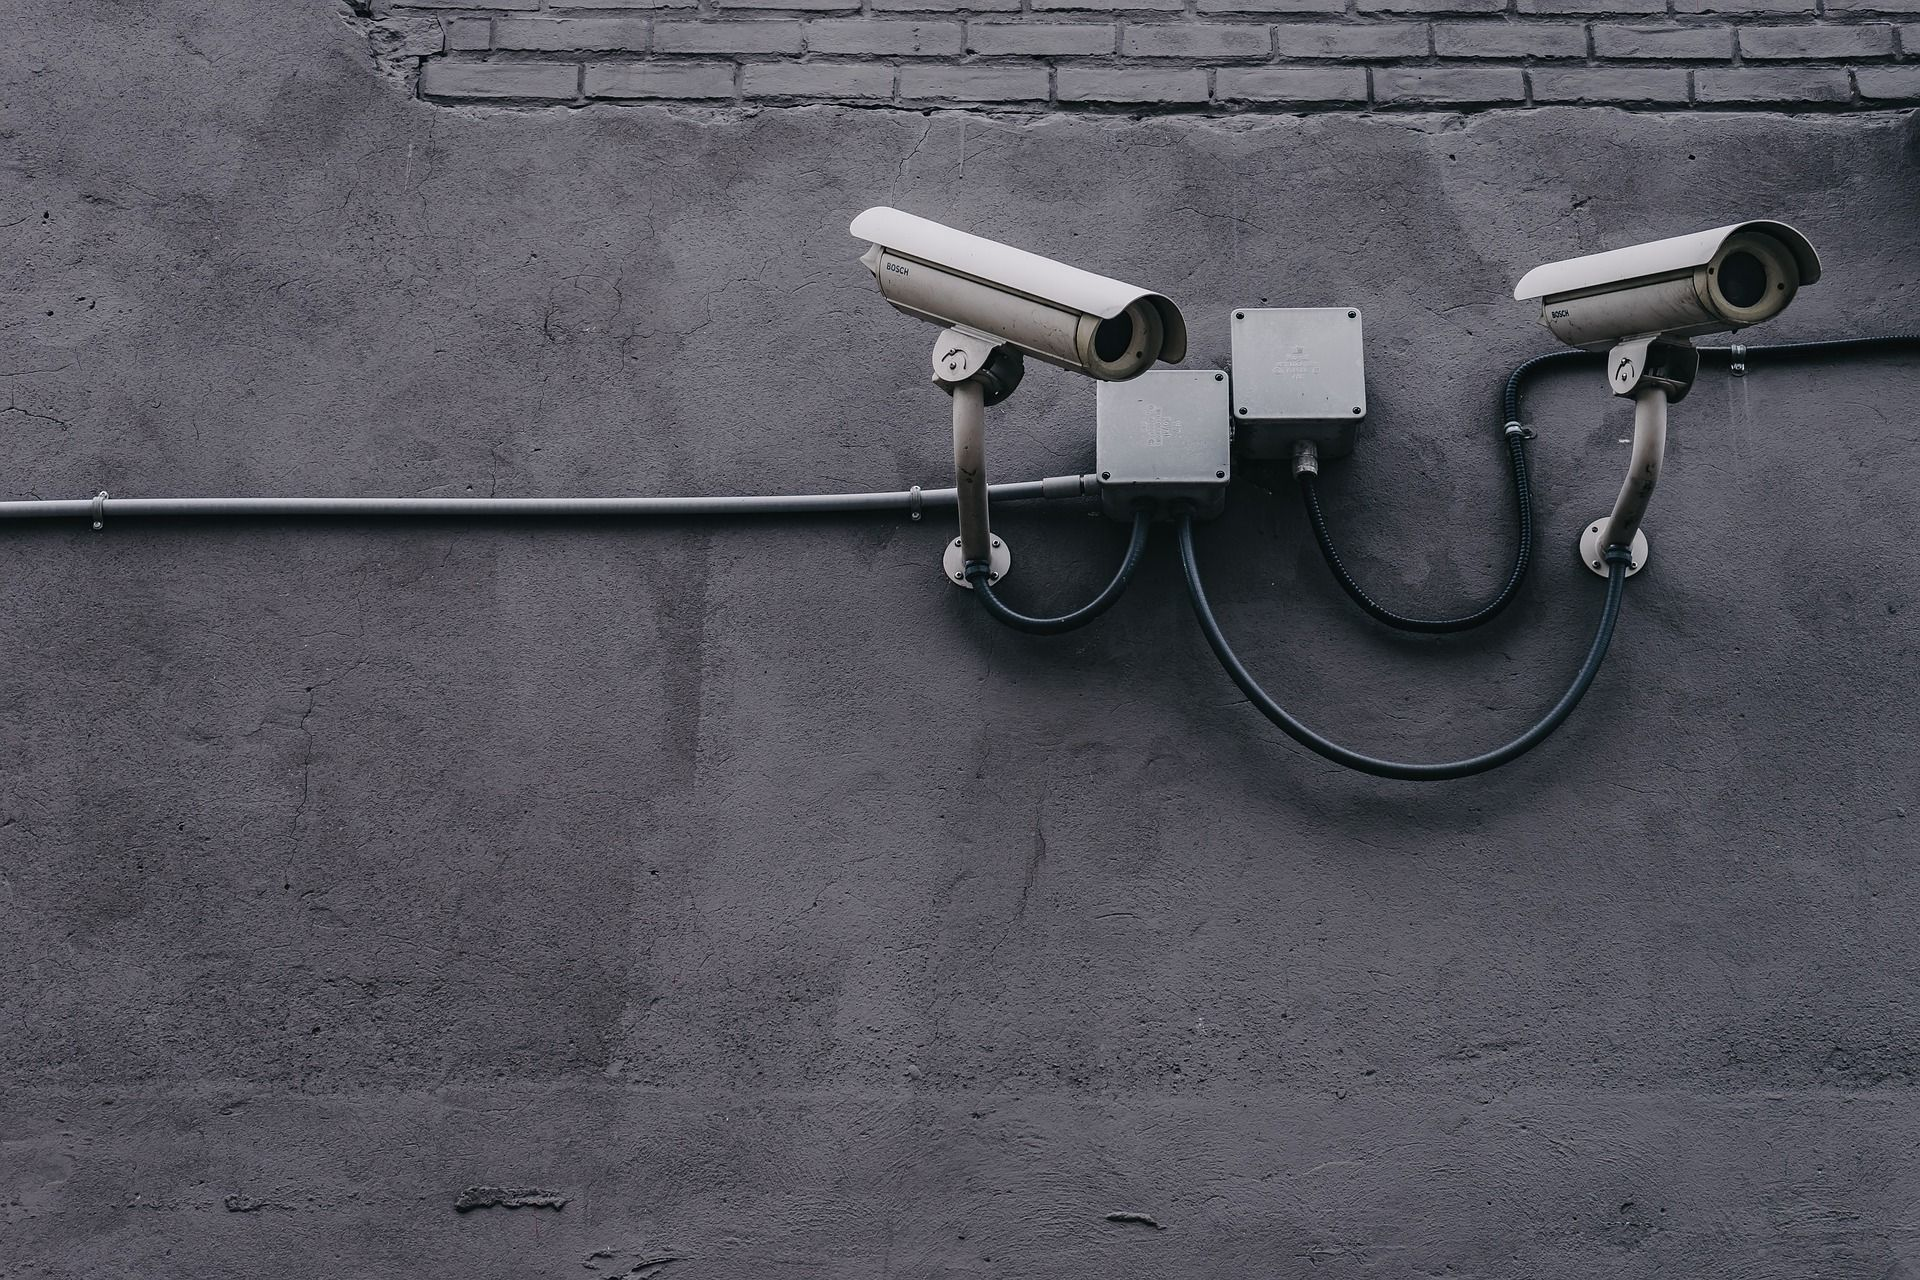 Fotografija dveh nadzornih kamer